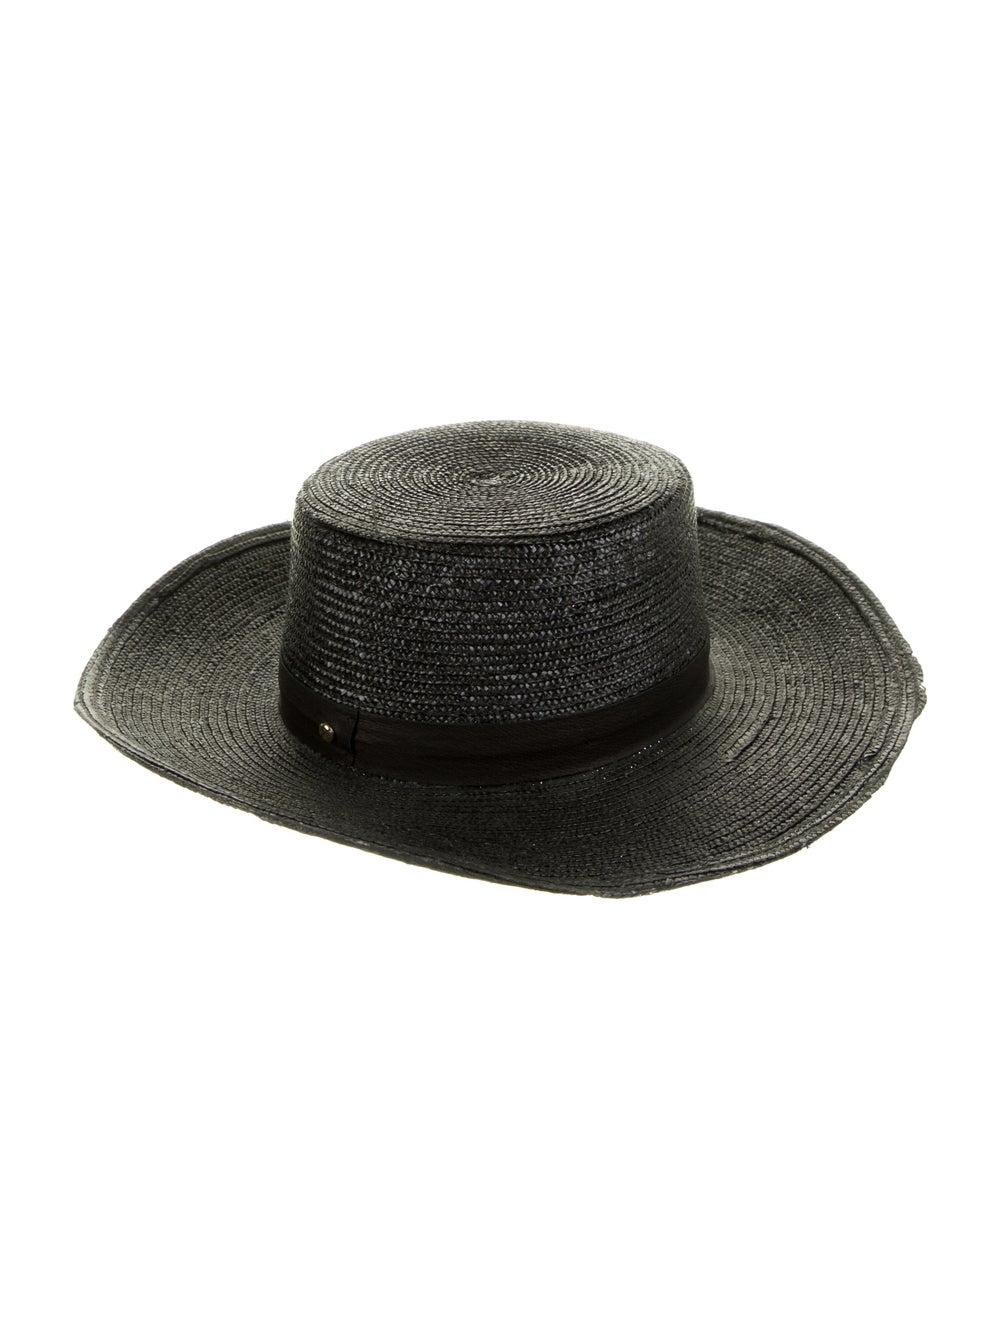 Janessa Leone Wide Brim Straw Hat Black - image 2